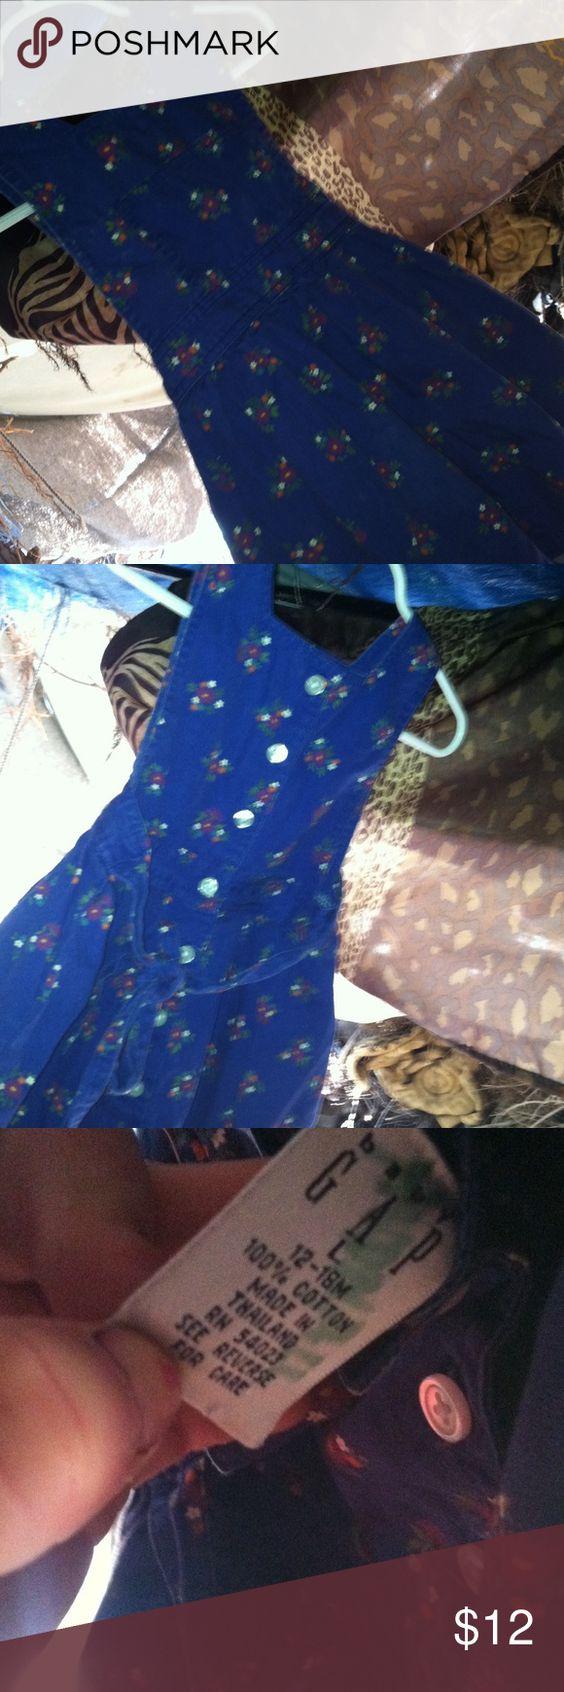 Floral dress 100% cotton baby gap Dresses